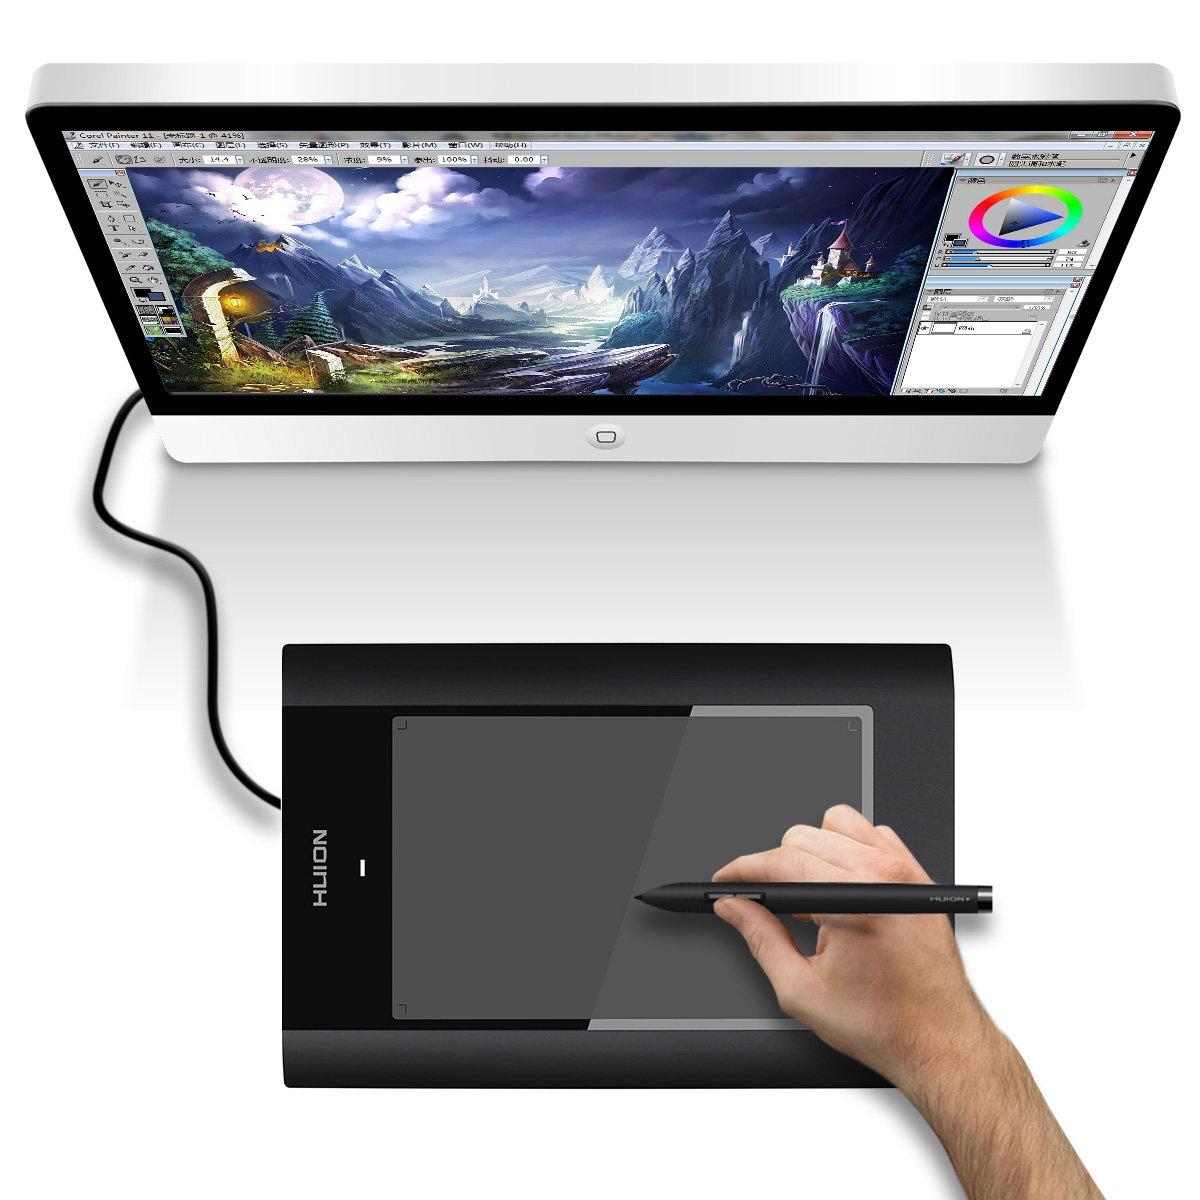 绘王 k68 电脑绘画板 漫画鼠绘板 5080分辨率 动漫设计手绘板 黑 送笔